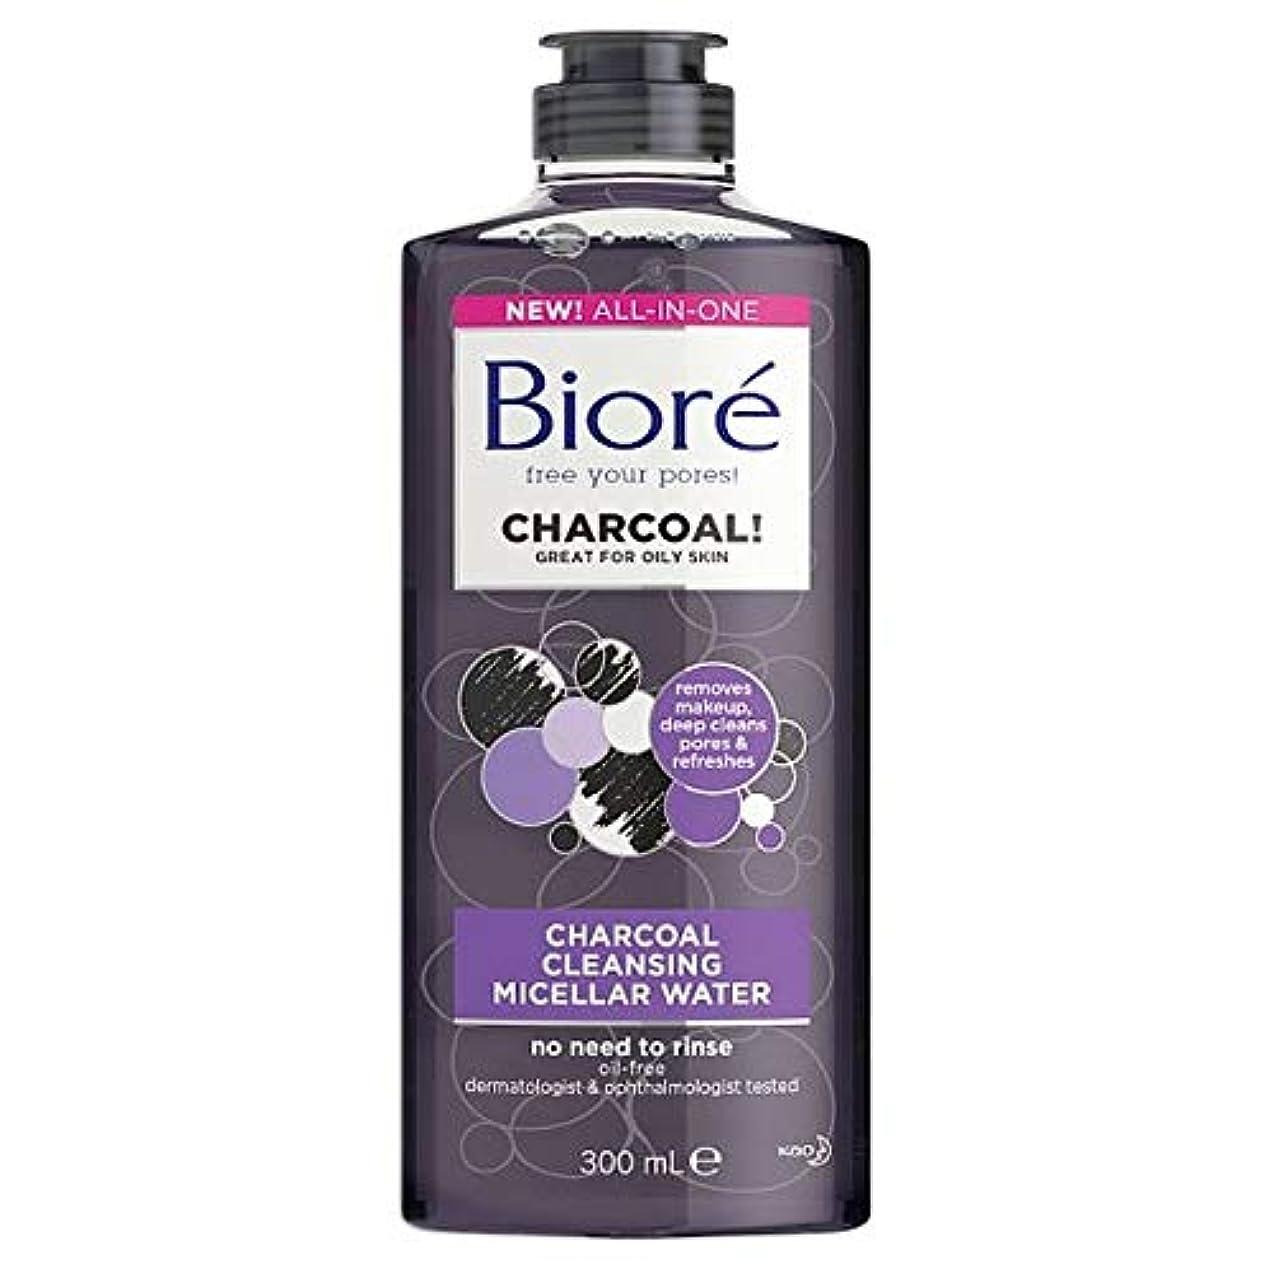 交響曲便利面白い[Biore] ビオレ炭ミセル水300ミリリットル - Biore Charcoal Micellar Water 300Ml [並行輸入品]